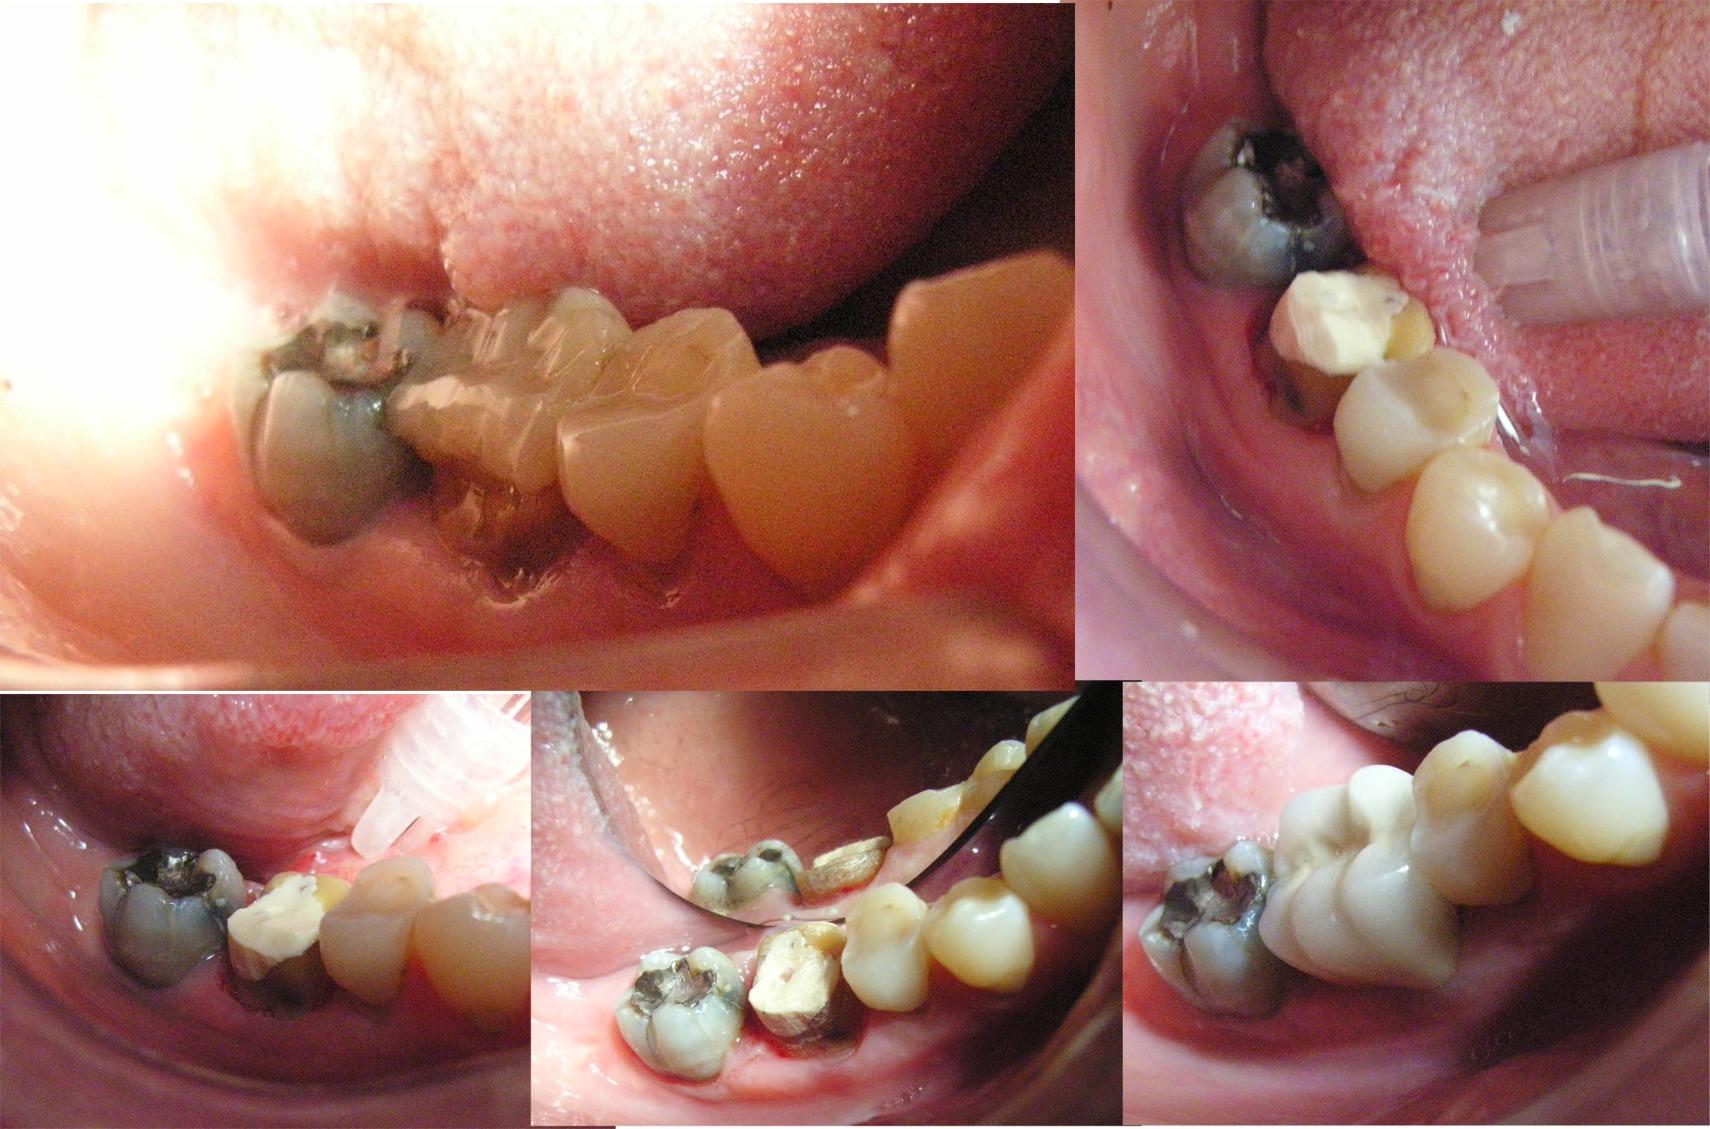 Pernomoncone-inlay in fibra di vetro carbonio e corona in oroplatinoporcallana per ricostruire un molare molto compromesso